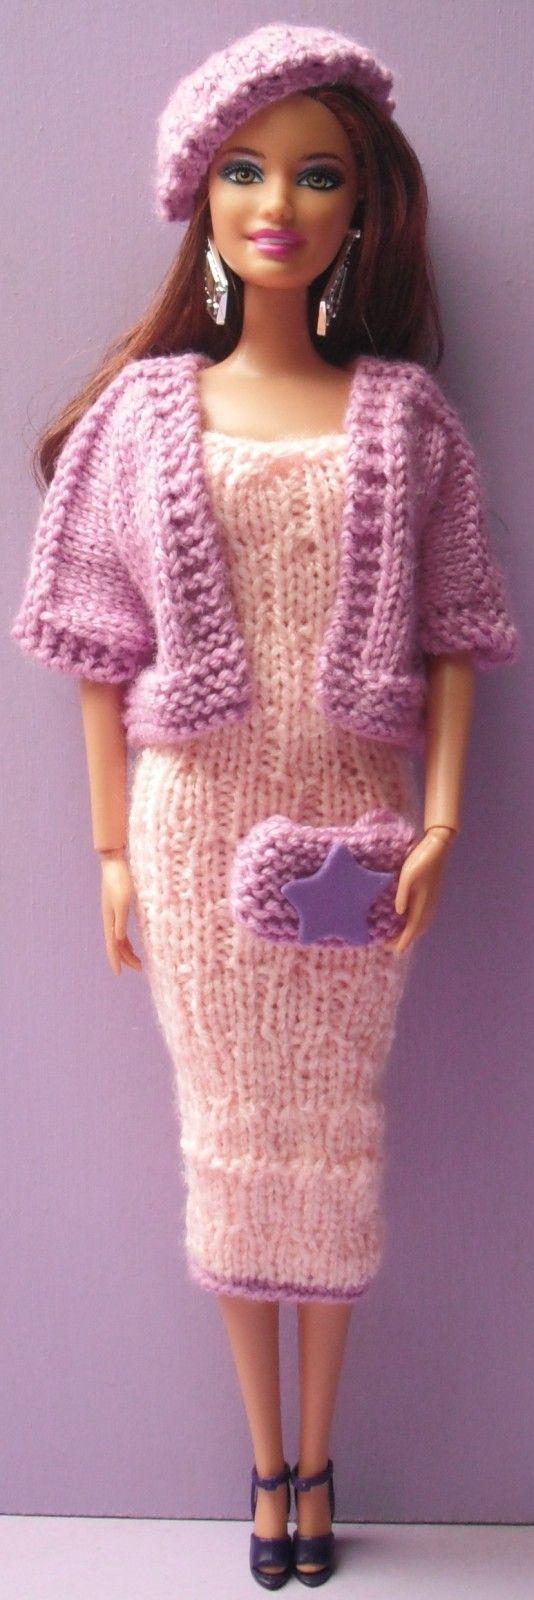 Si vous aussi vous souhaitez réaliser cet ensemble : La Robe : 127 La Veste : 88 Le Sac : A31 Le Béret : A59 Nb : Toutes les tenues pour Barbies ont été créées à partir des mensurations d'une Fashionista. A savoir que les Barbies normales sont un peu...